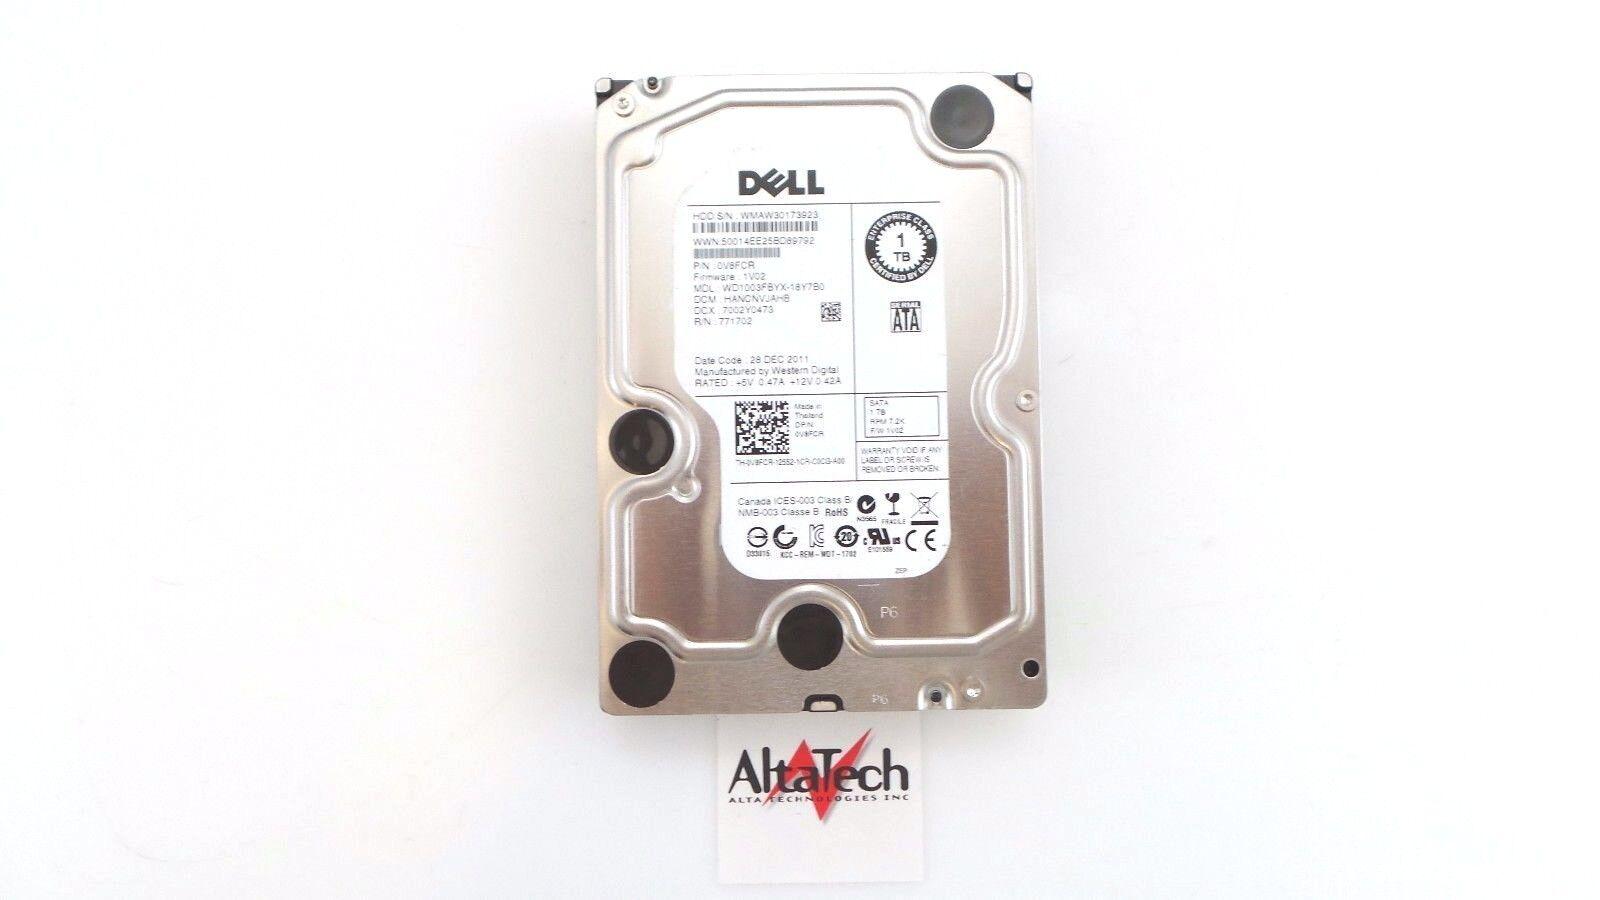 Dell V8FCR Western Digital 1TB 7.2K SATA 3.5/'/' 3G WD1003FBYX HDD Hard Drive